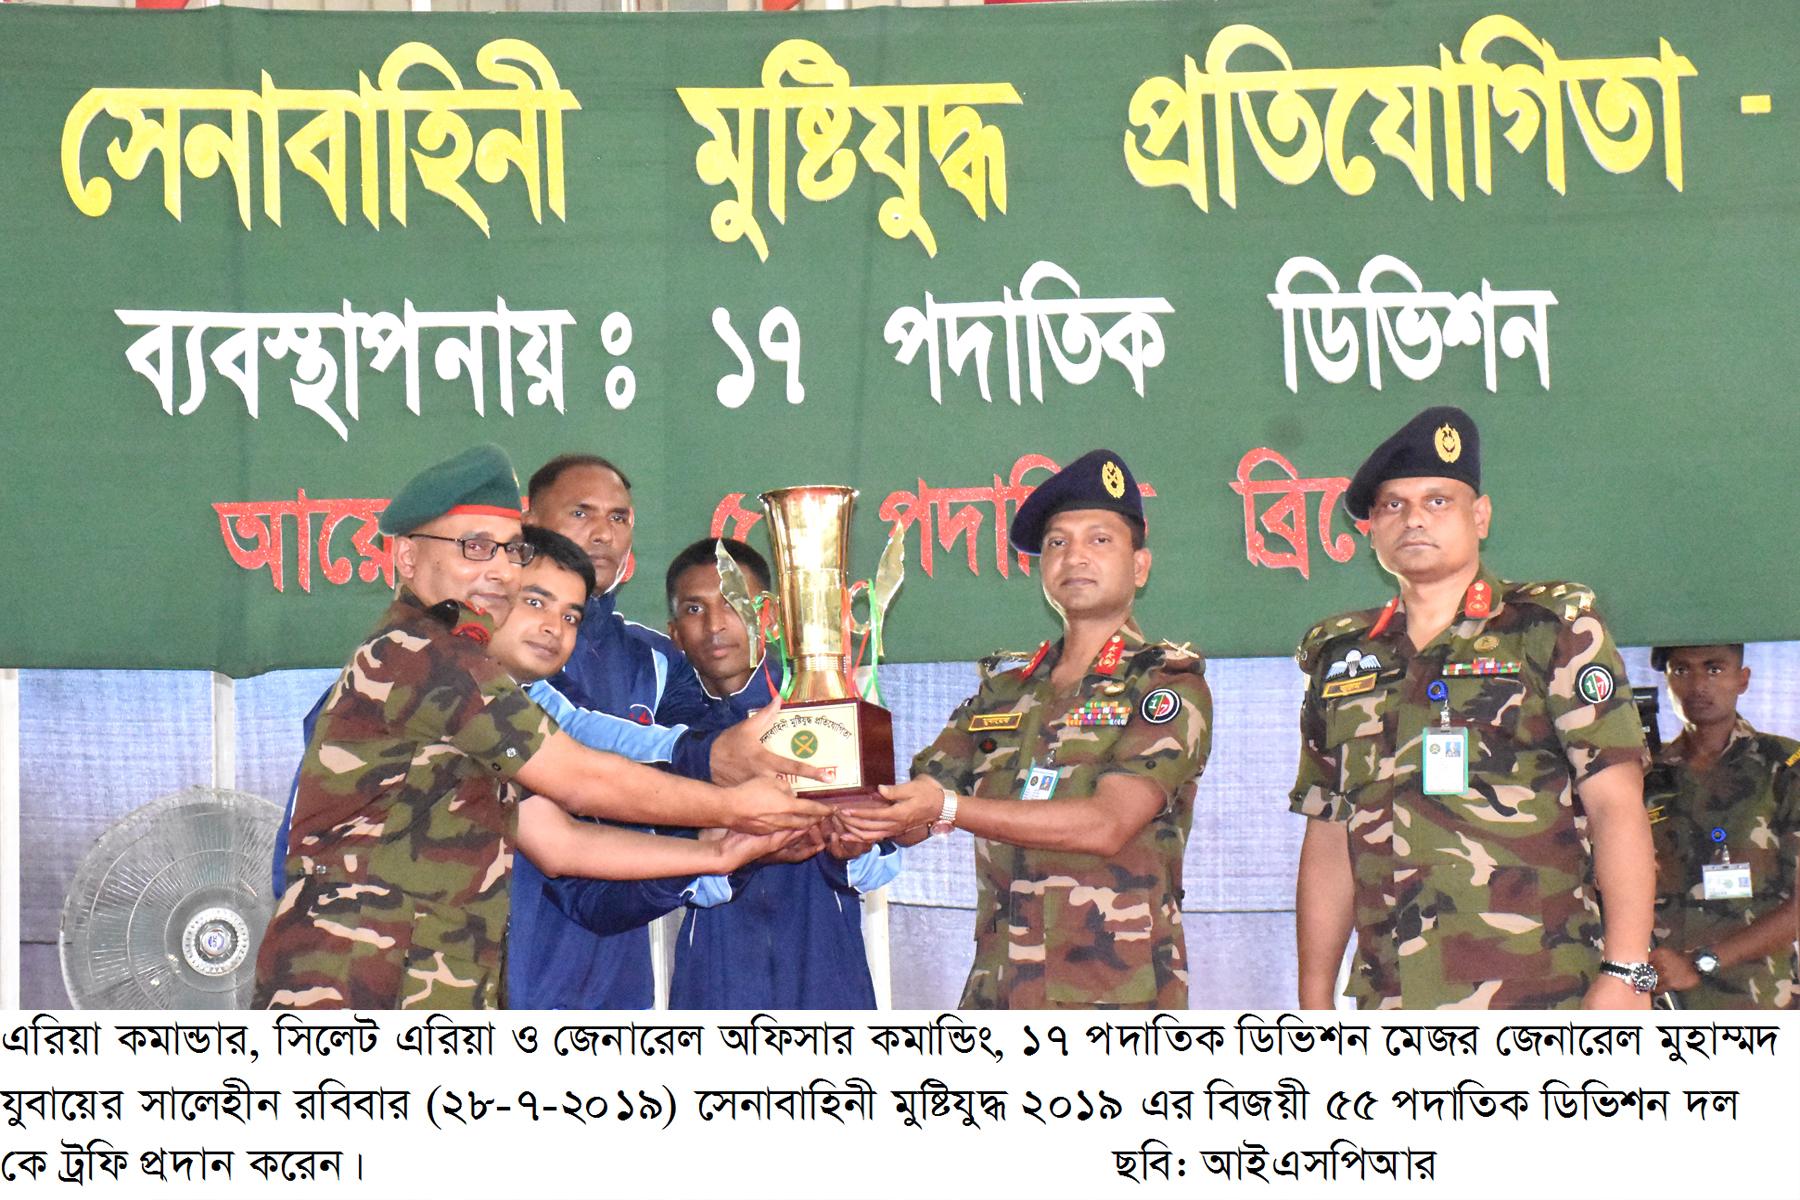 বাংলাদেশ সেনাবাহিনী মুষ্টিযুদ্ধ প্রতিযোগিতা-২০১৯ সমাপ্ত